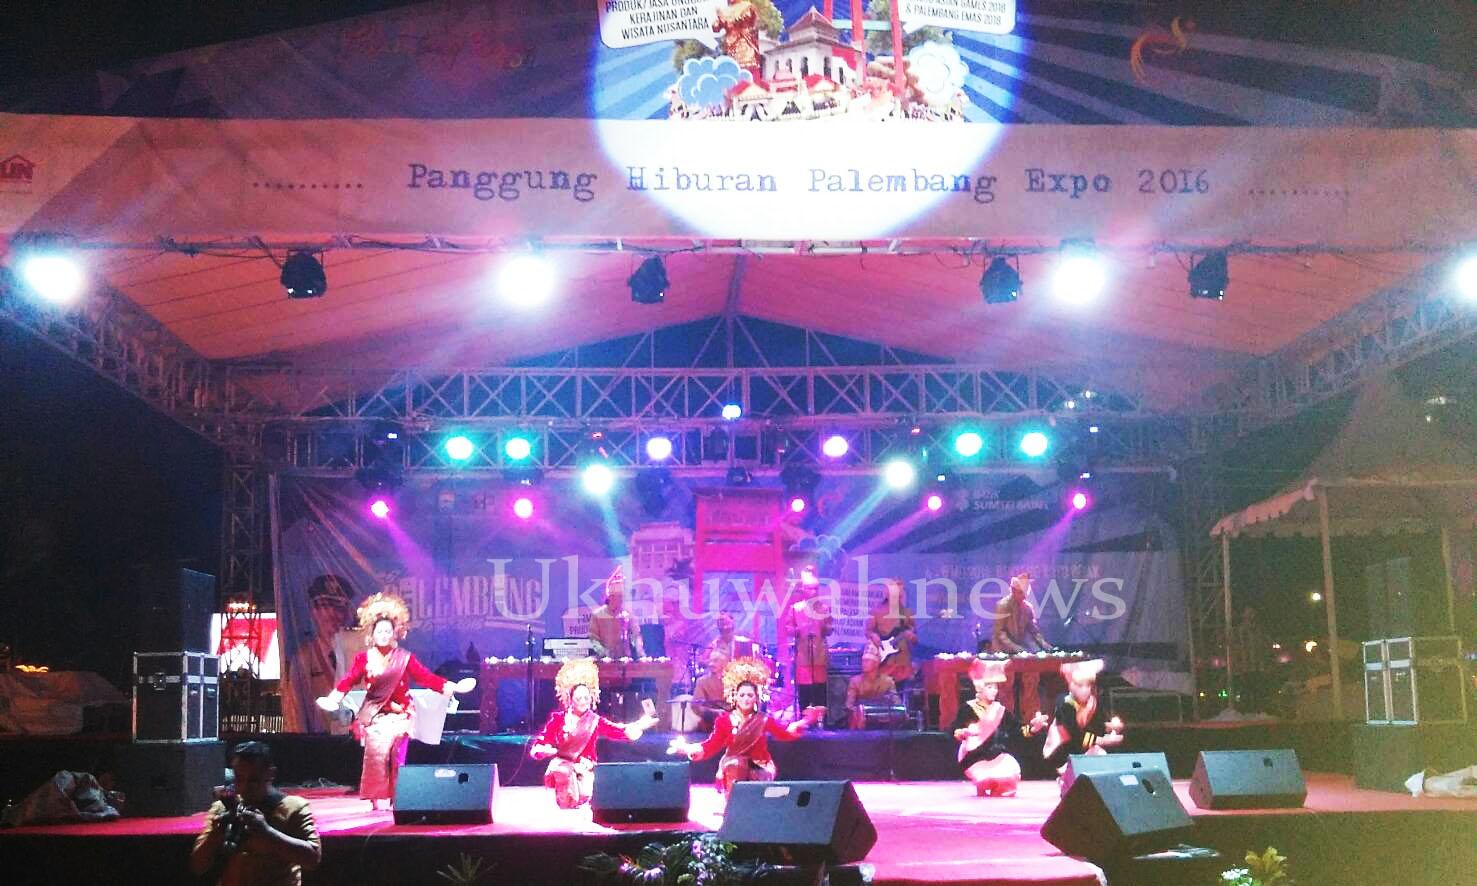 Pentas Seni. Penampilan tarian dan alat musik tradisional dari Sumatera Barat, pada acara Palembang Expo bertempat di Benteng Kuto Besak (BKB), Palembang Sumatera Selatan. Rabu (4/5/2016). Pergelaran Palembang Expo ini diadakan menjelang ulang tahun Palembang pada Juni mendatang. Ukhuwahnews/Raenal Fikri